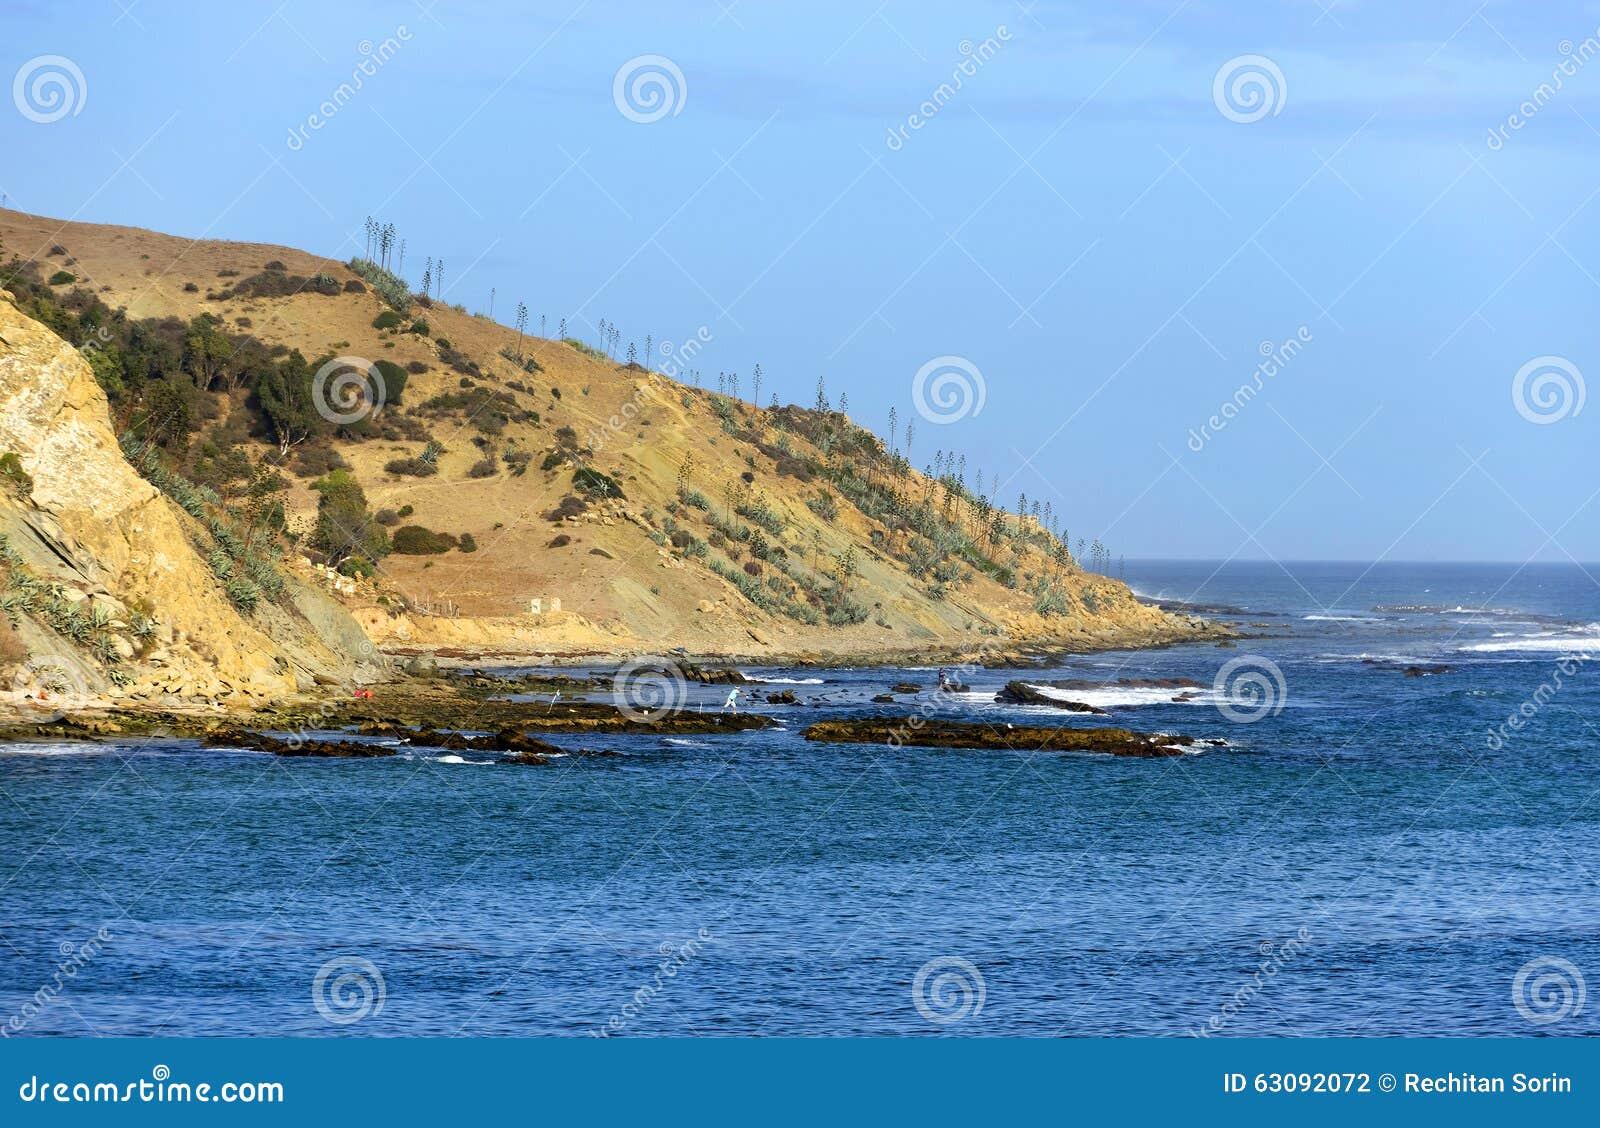 Download Paysage de plage à Tarifa photo stock. Image du azur - 63092072